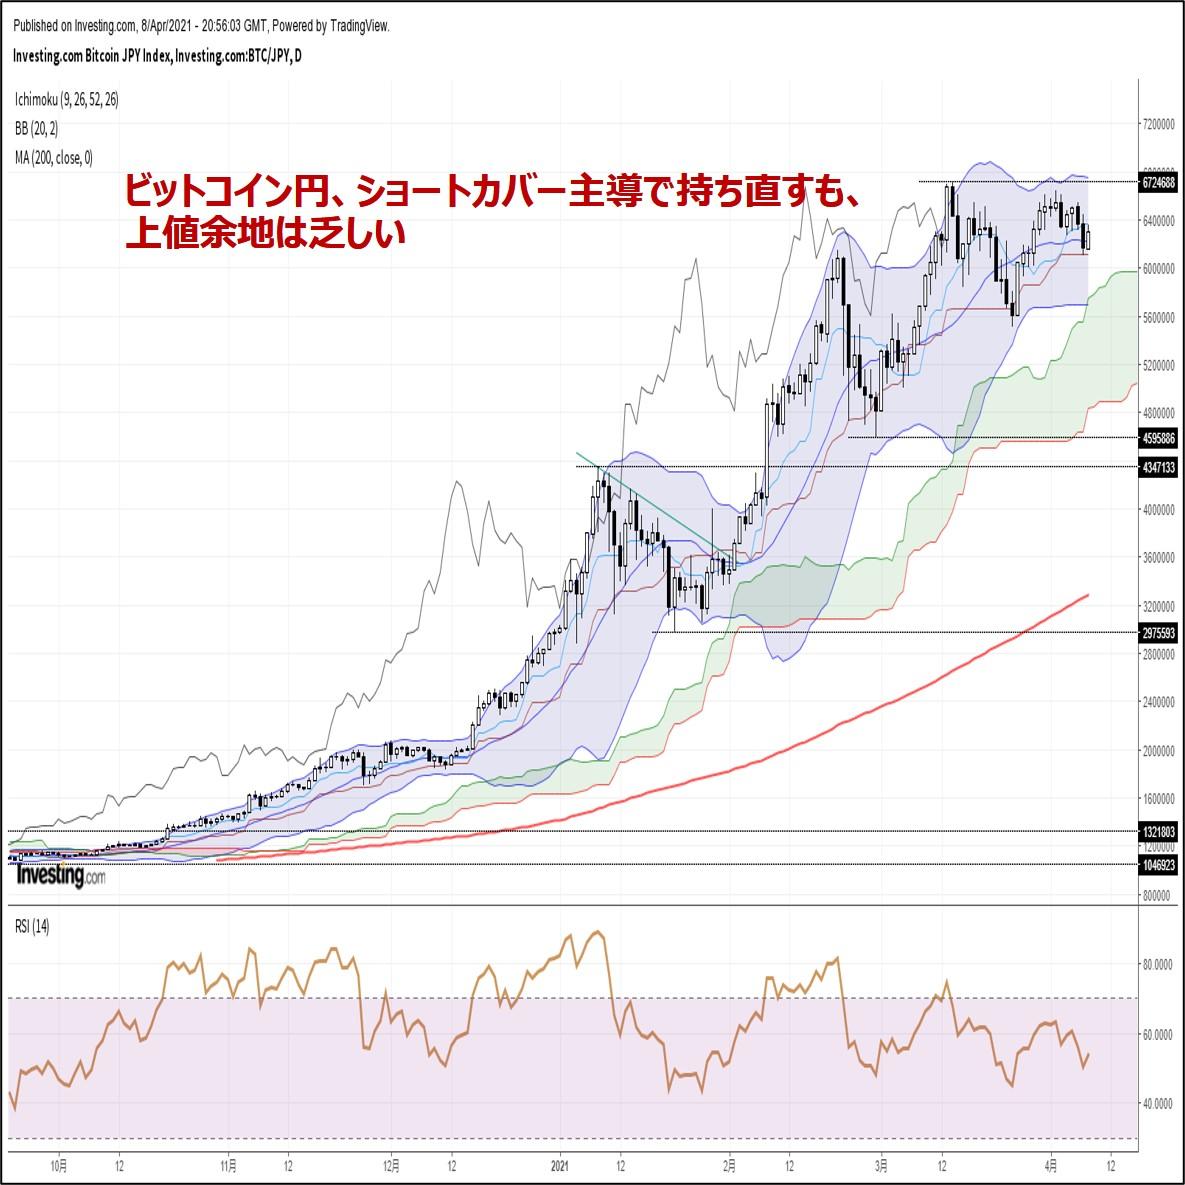 ビットコイン円、ショートカバー主導で持ち直すも、上値余地は乏しい(4/9朝)